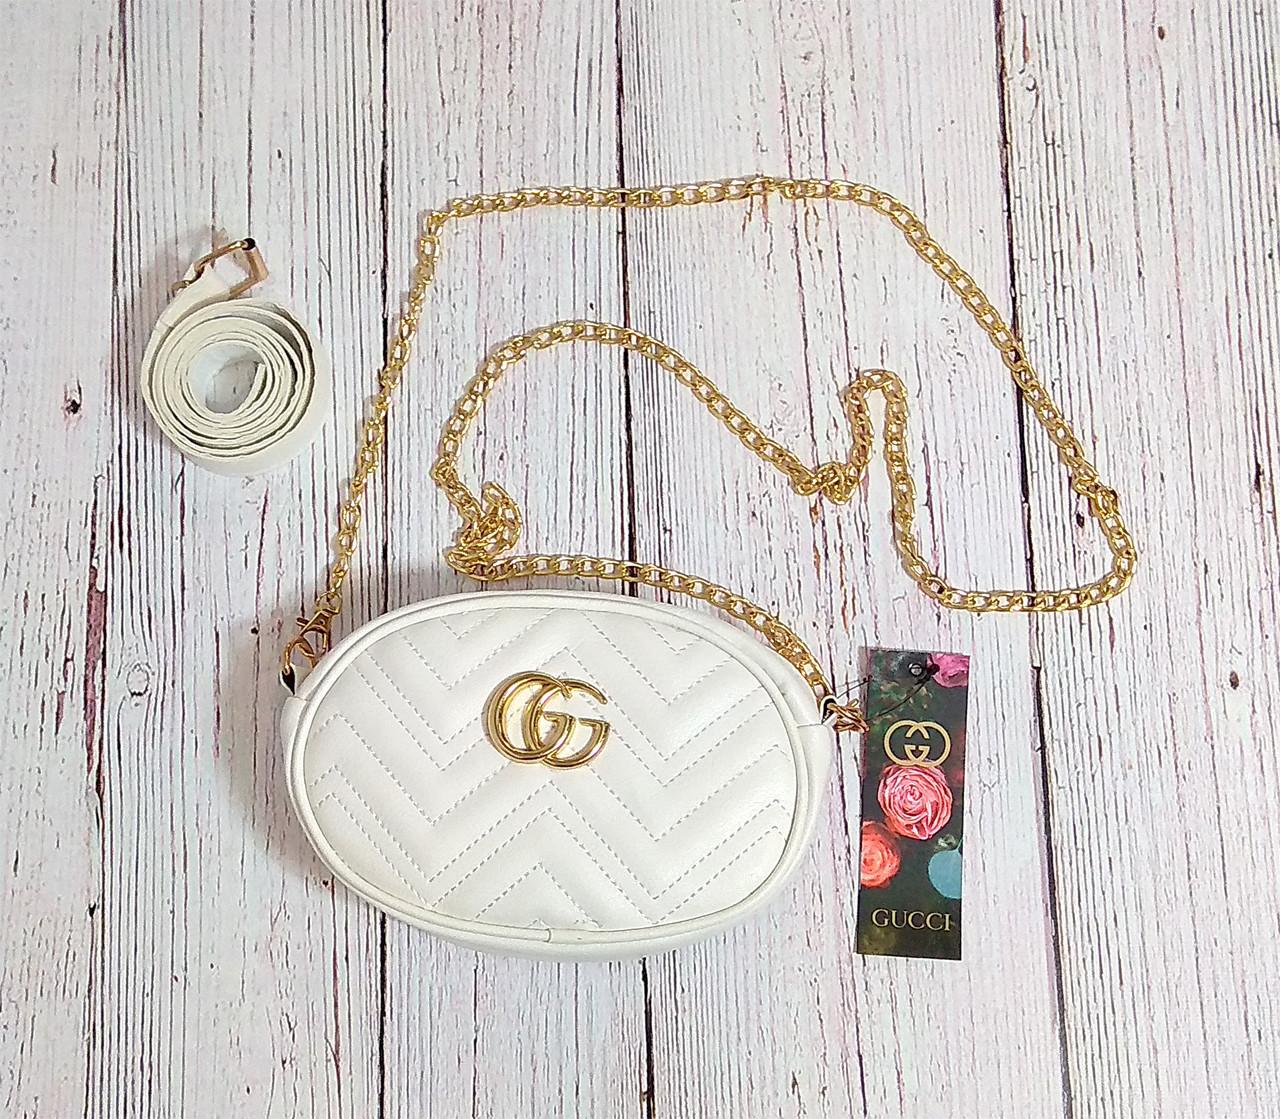 Женская бананка, поясная сумка гучи, Gucci, кроссбоди. Белая / 88101 GG